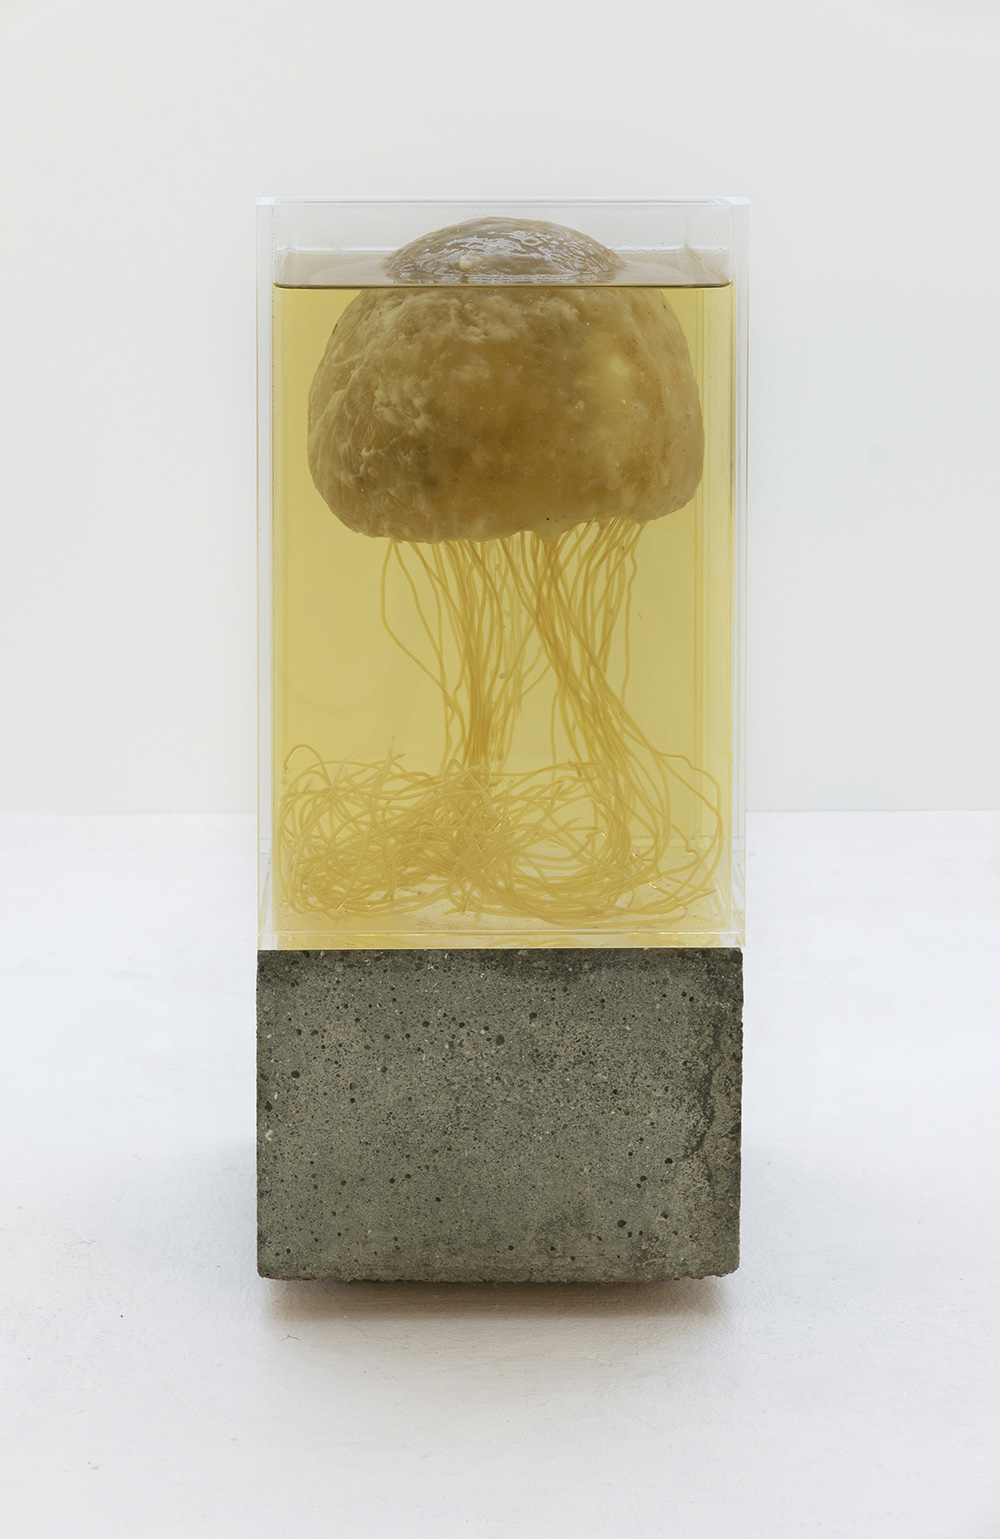 Silas Inoue, Future Friture - Turritopsis dohrnii, 2018.  Courtesy kunstneren og noma.